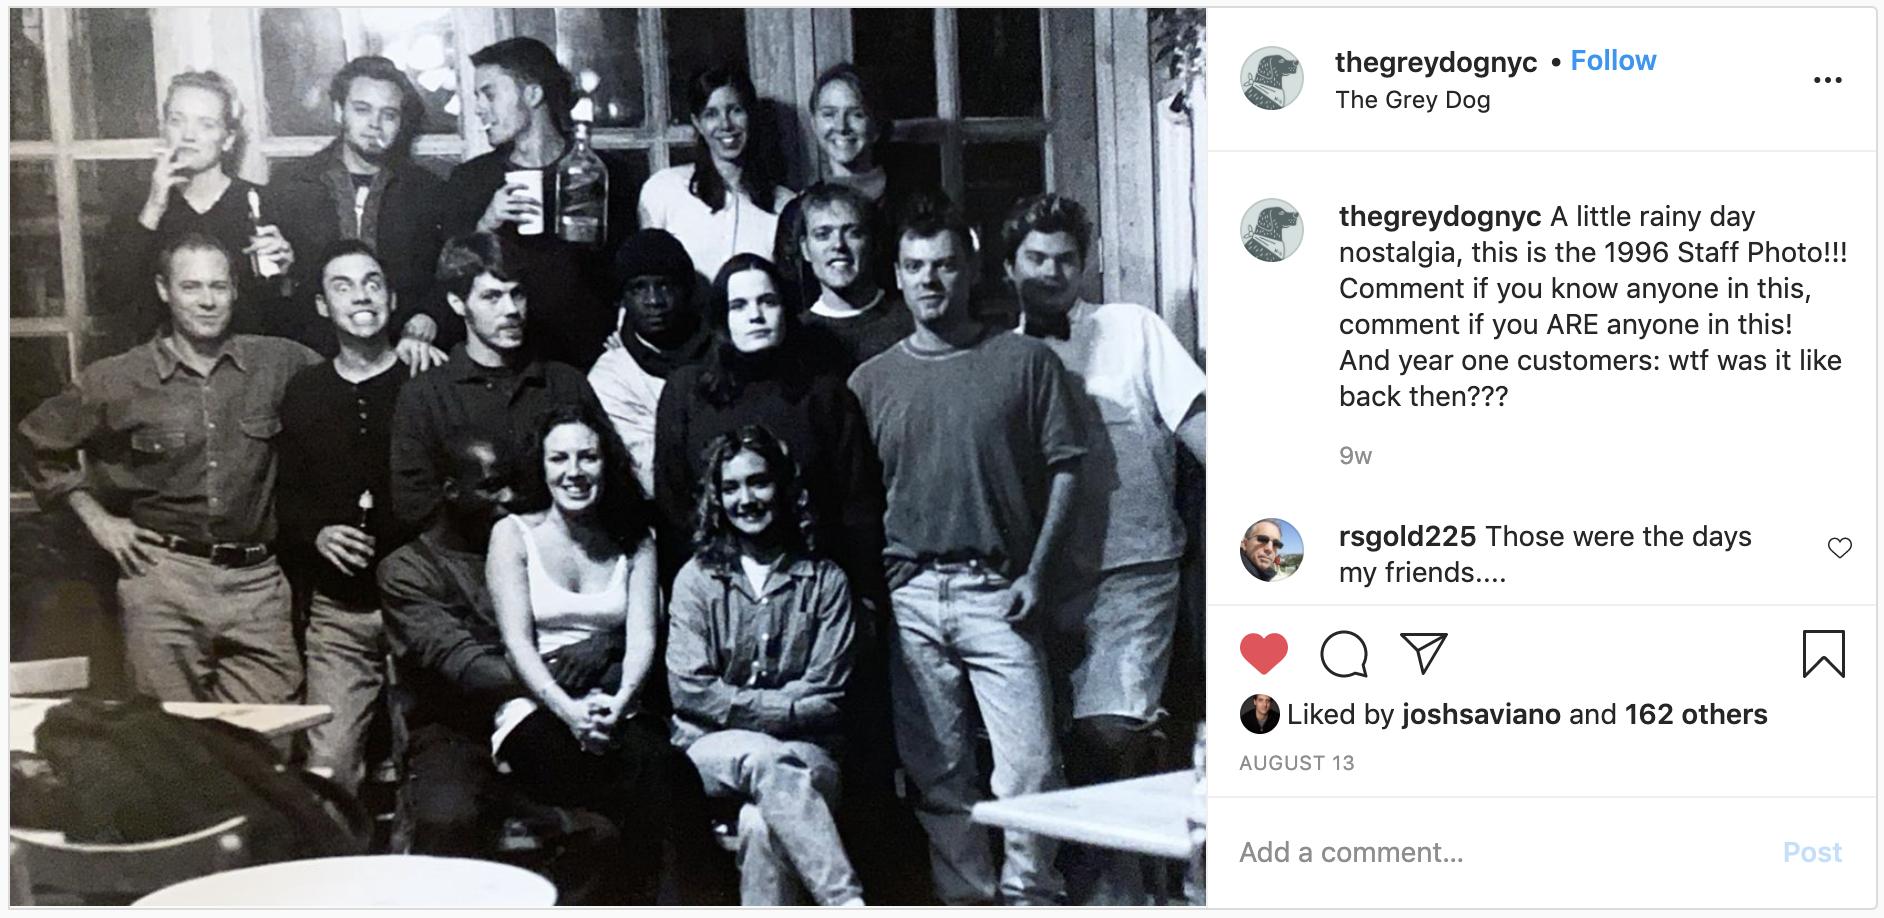 thegreydog restaurant staff photo